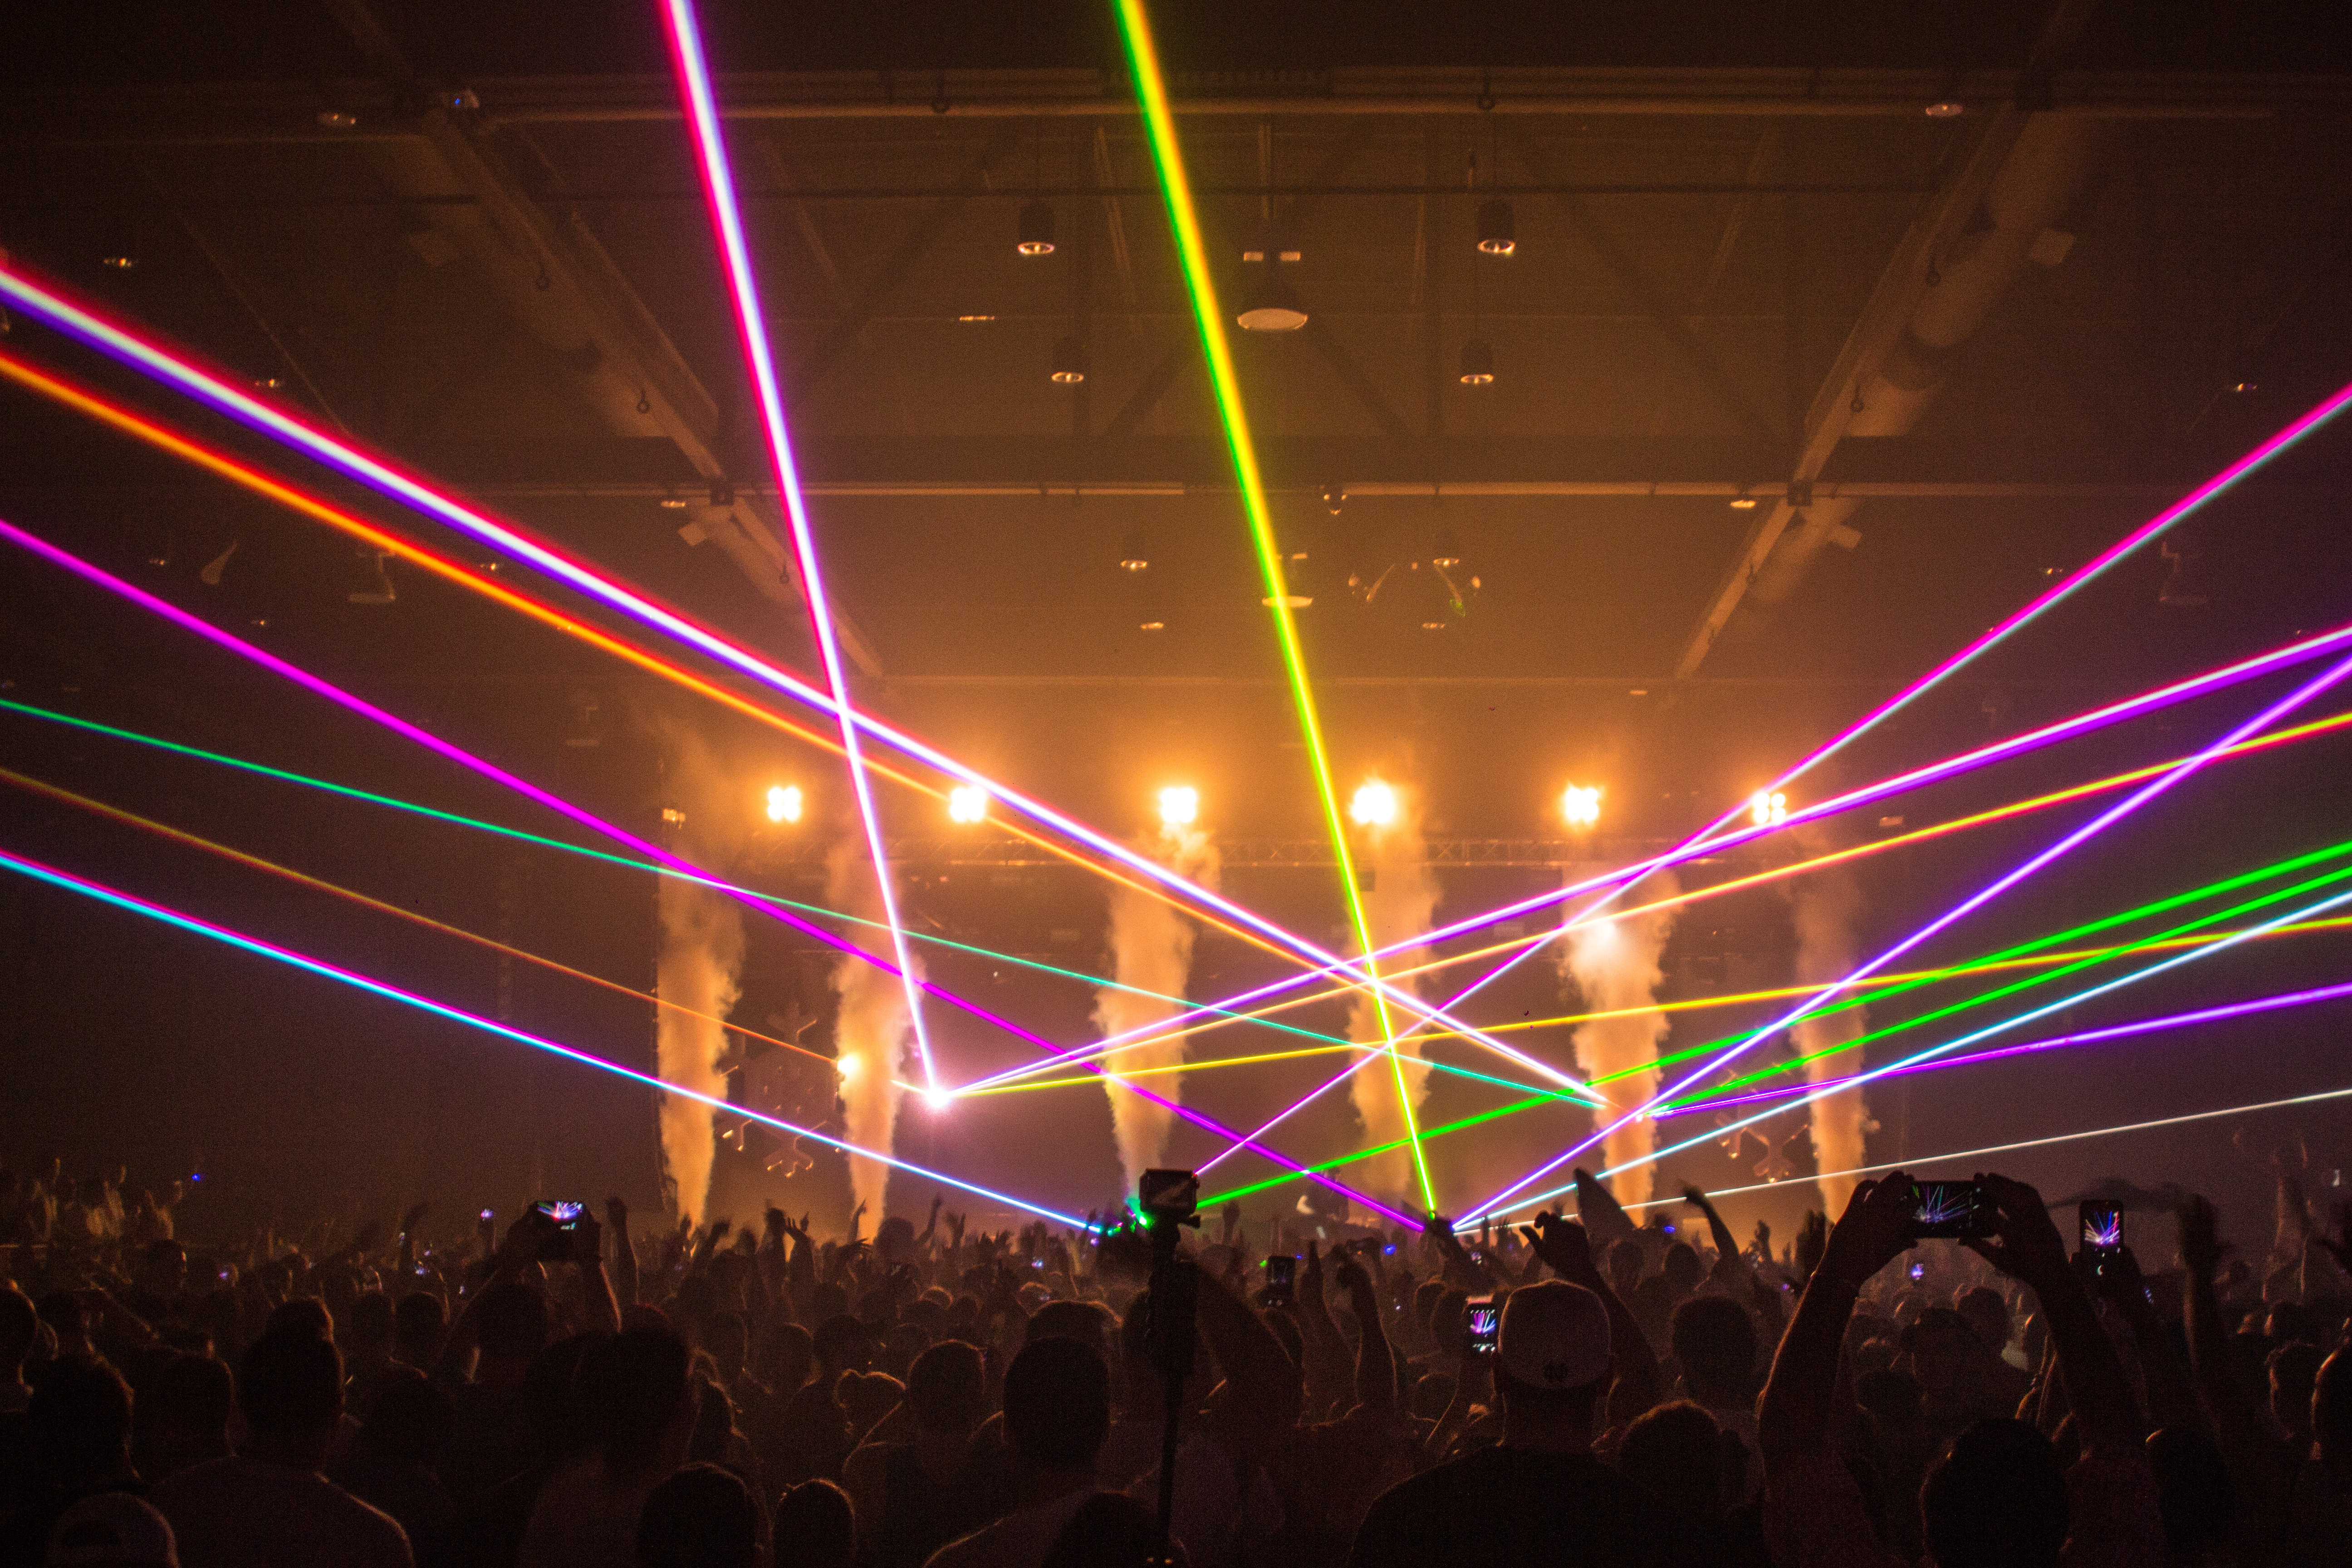 Fillmore Auditorium Concert Special FX L